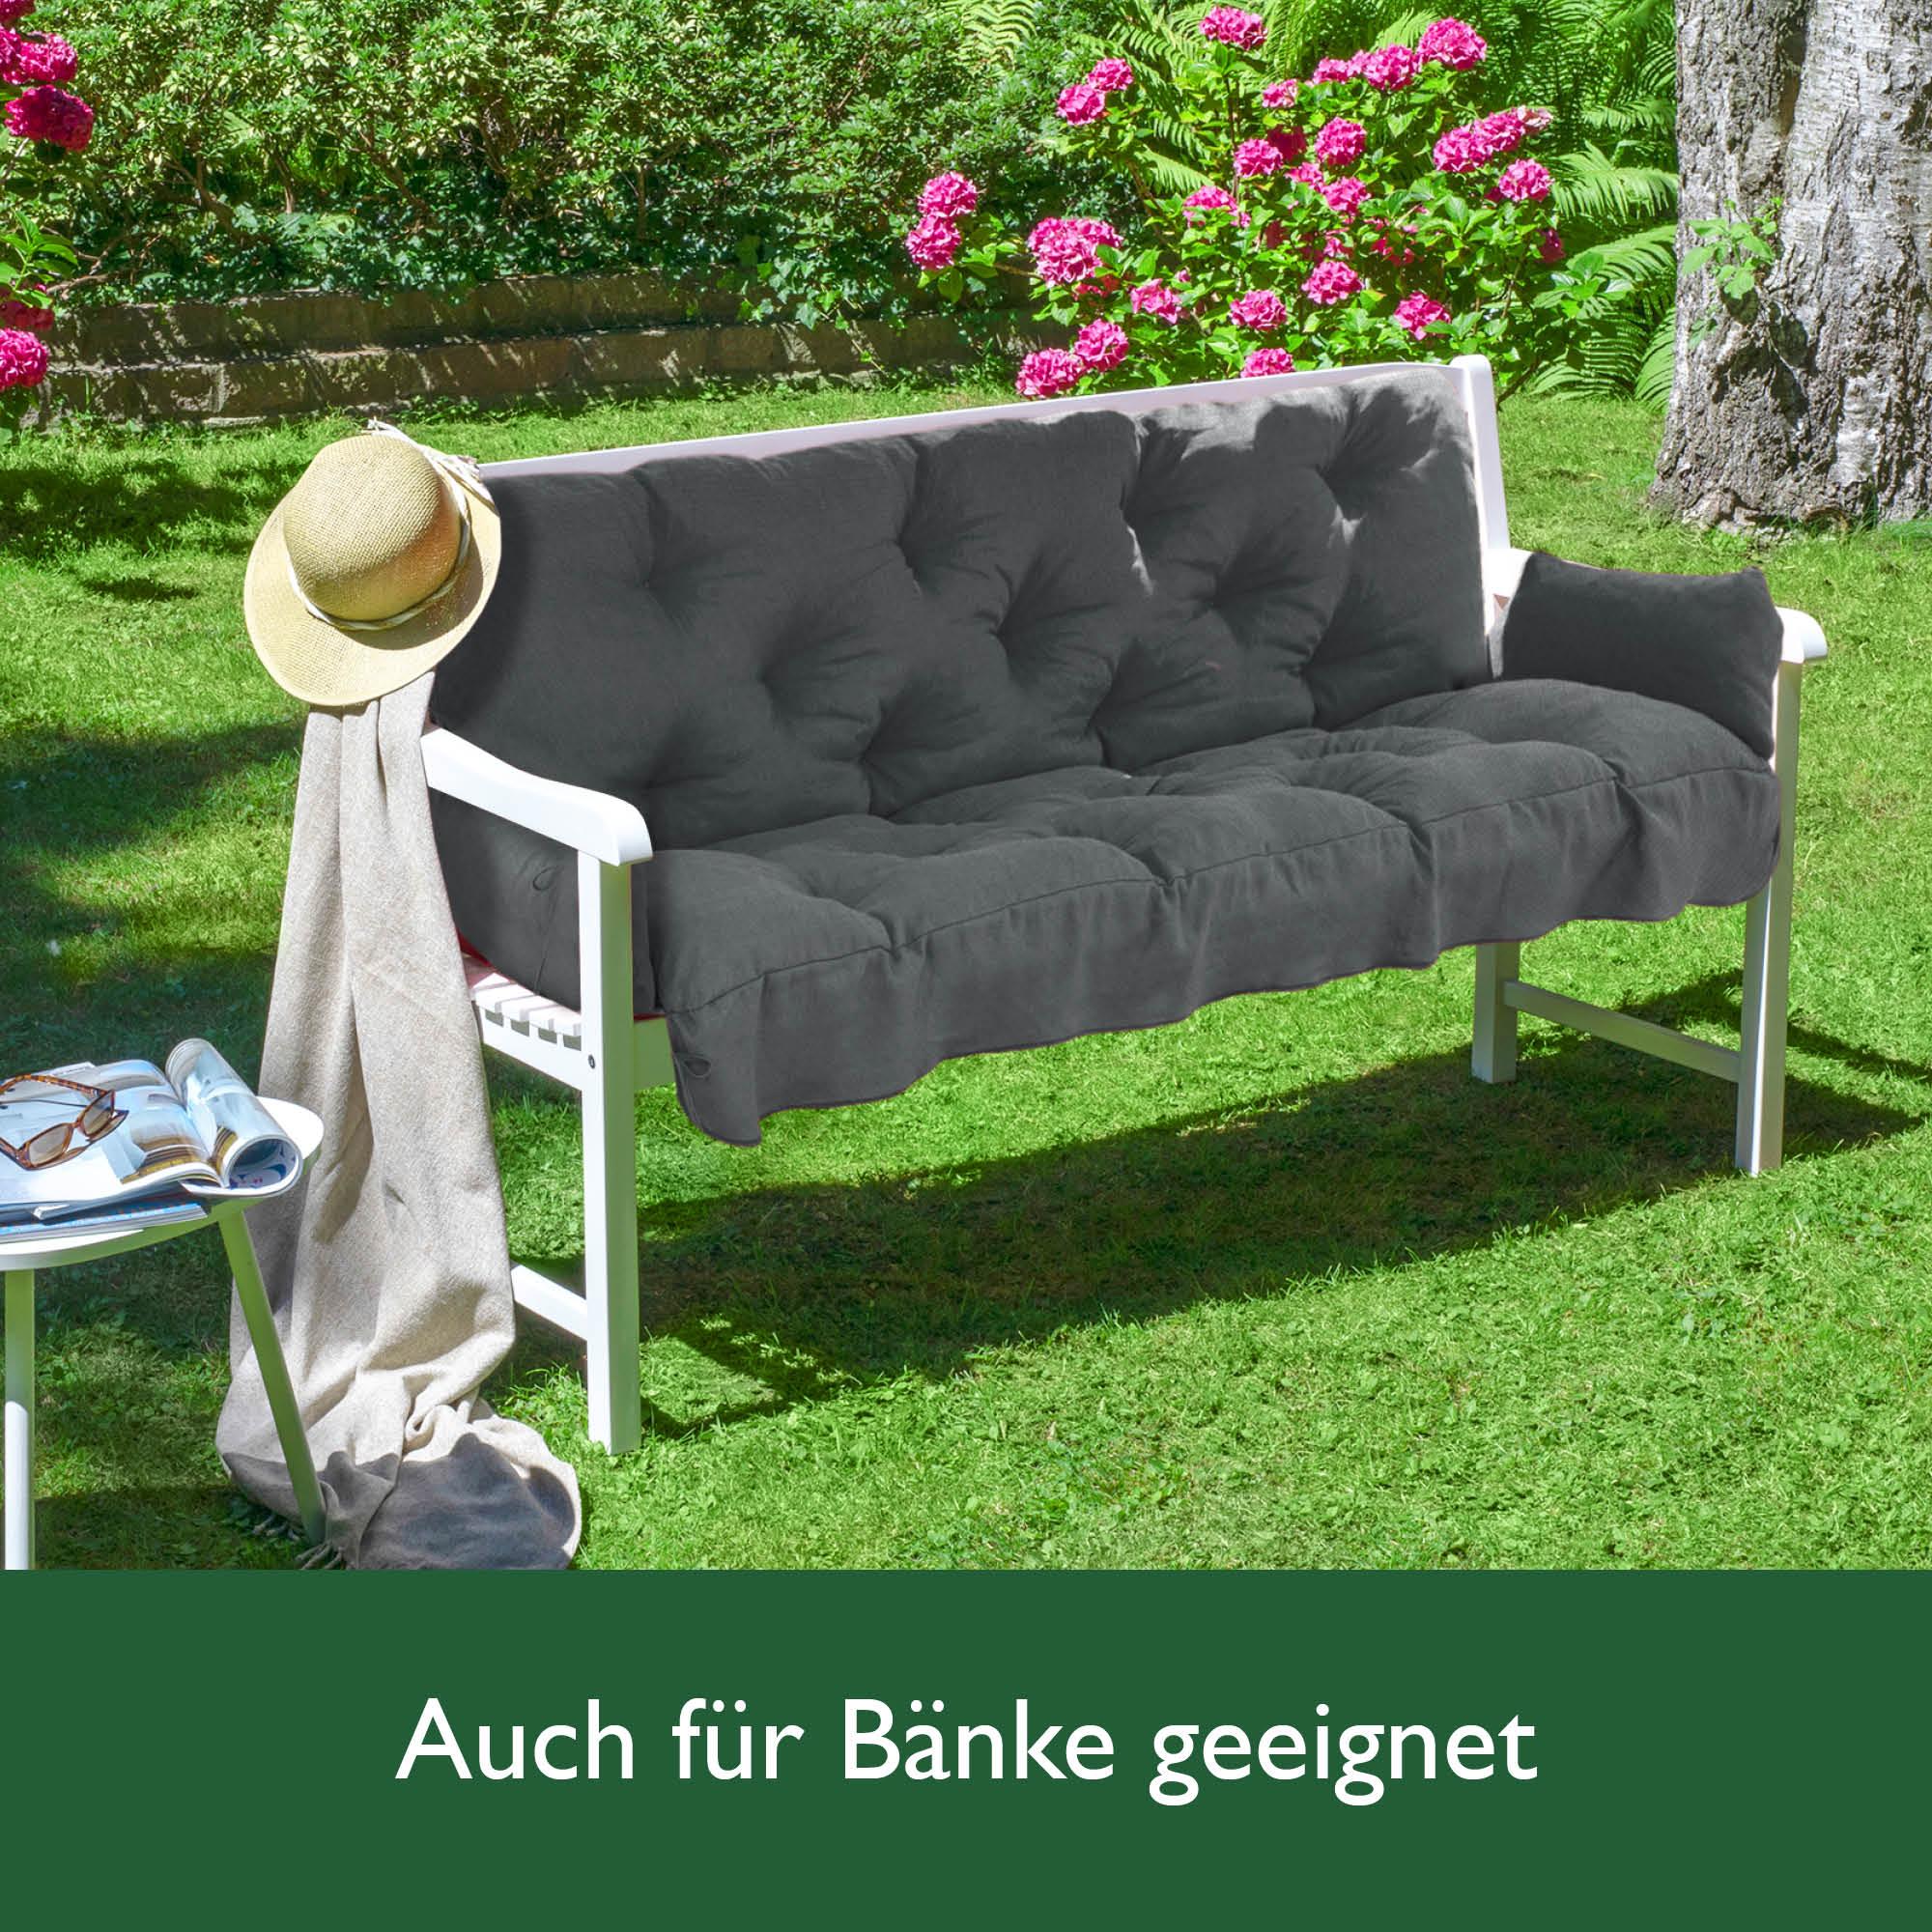 auflage f r hollywoodschaukel 180 cm kissen sitzkissen polster polsterauflage ebay. Black Bedroom Furniture Sets. Home Design Ideas